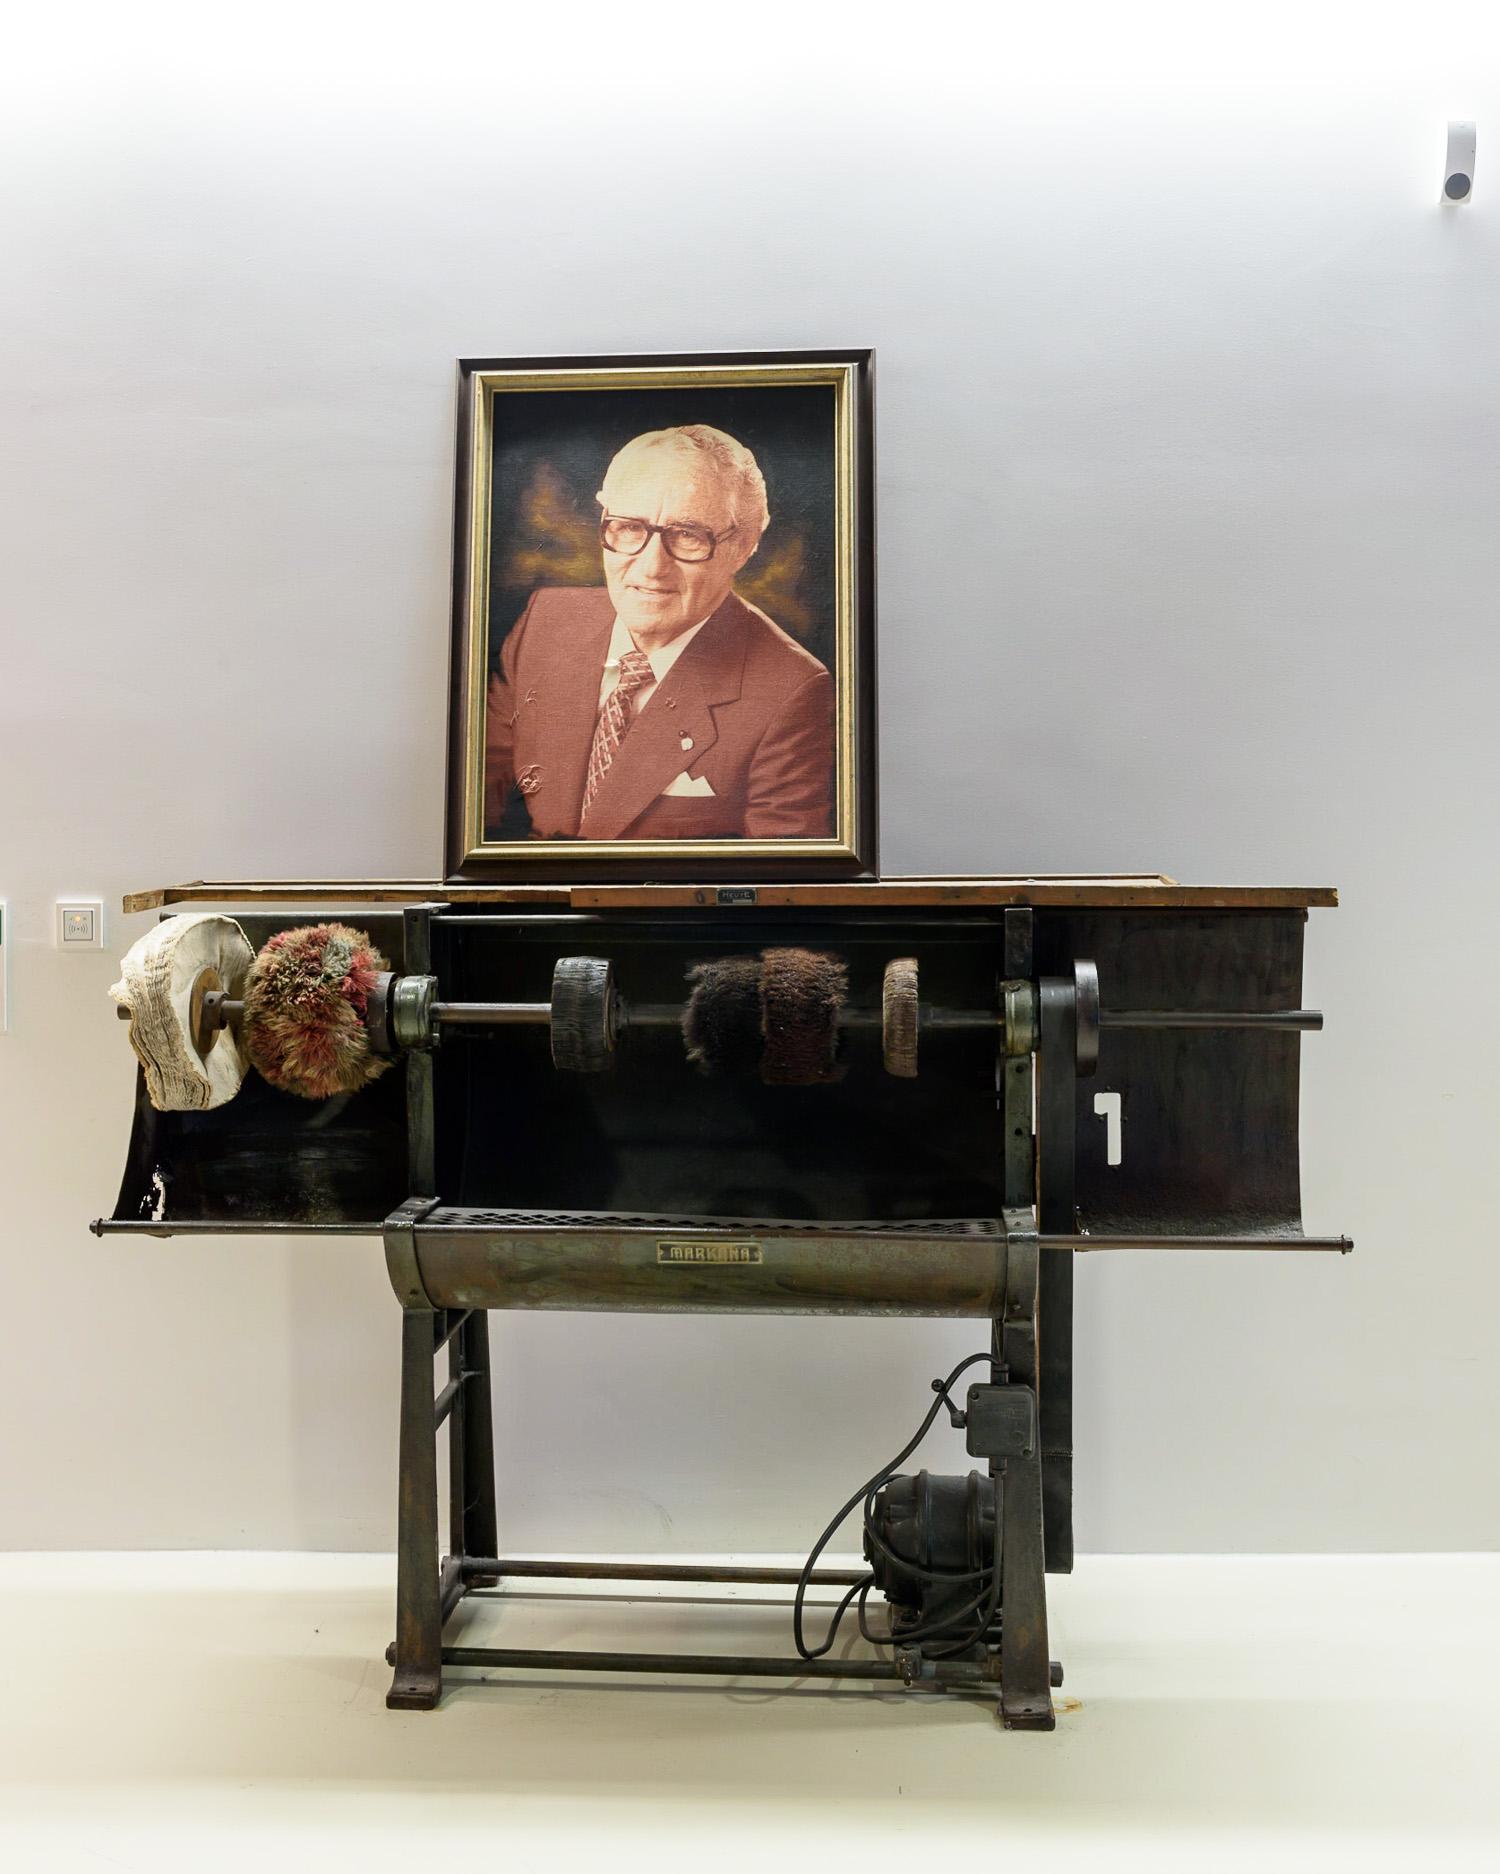 A portrait of Adi Dassler at the headquarters in Herzogenaurach